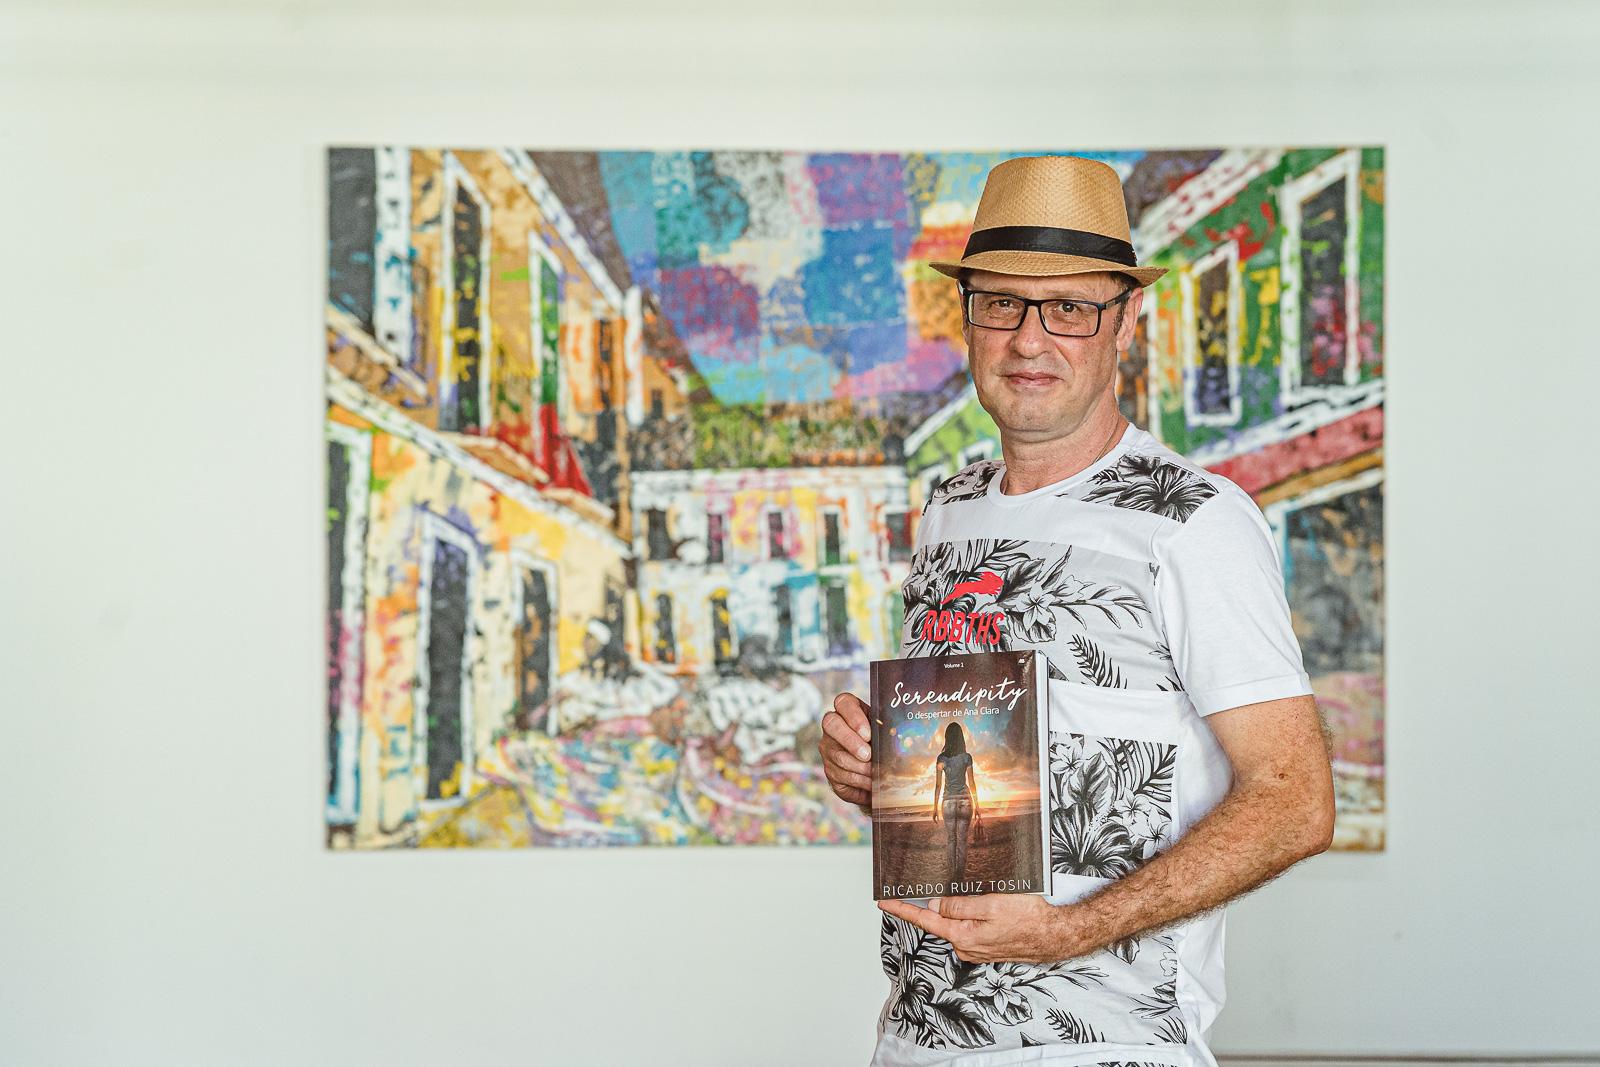 Ricardo Ruiz Tosin desembarca em Fortaleza para apresentar seu novo livro